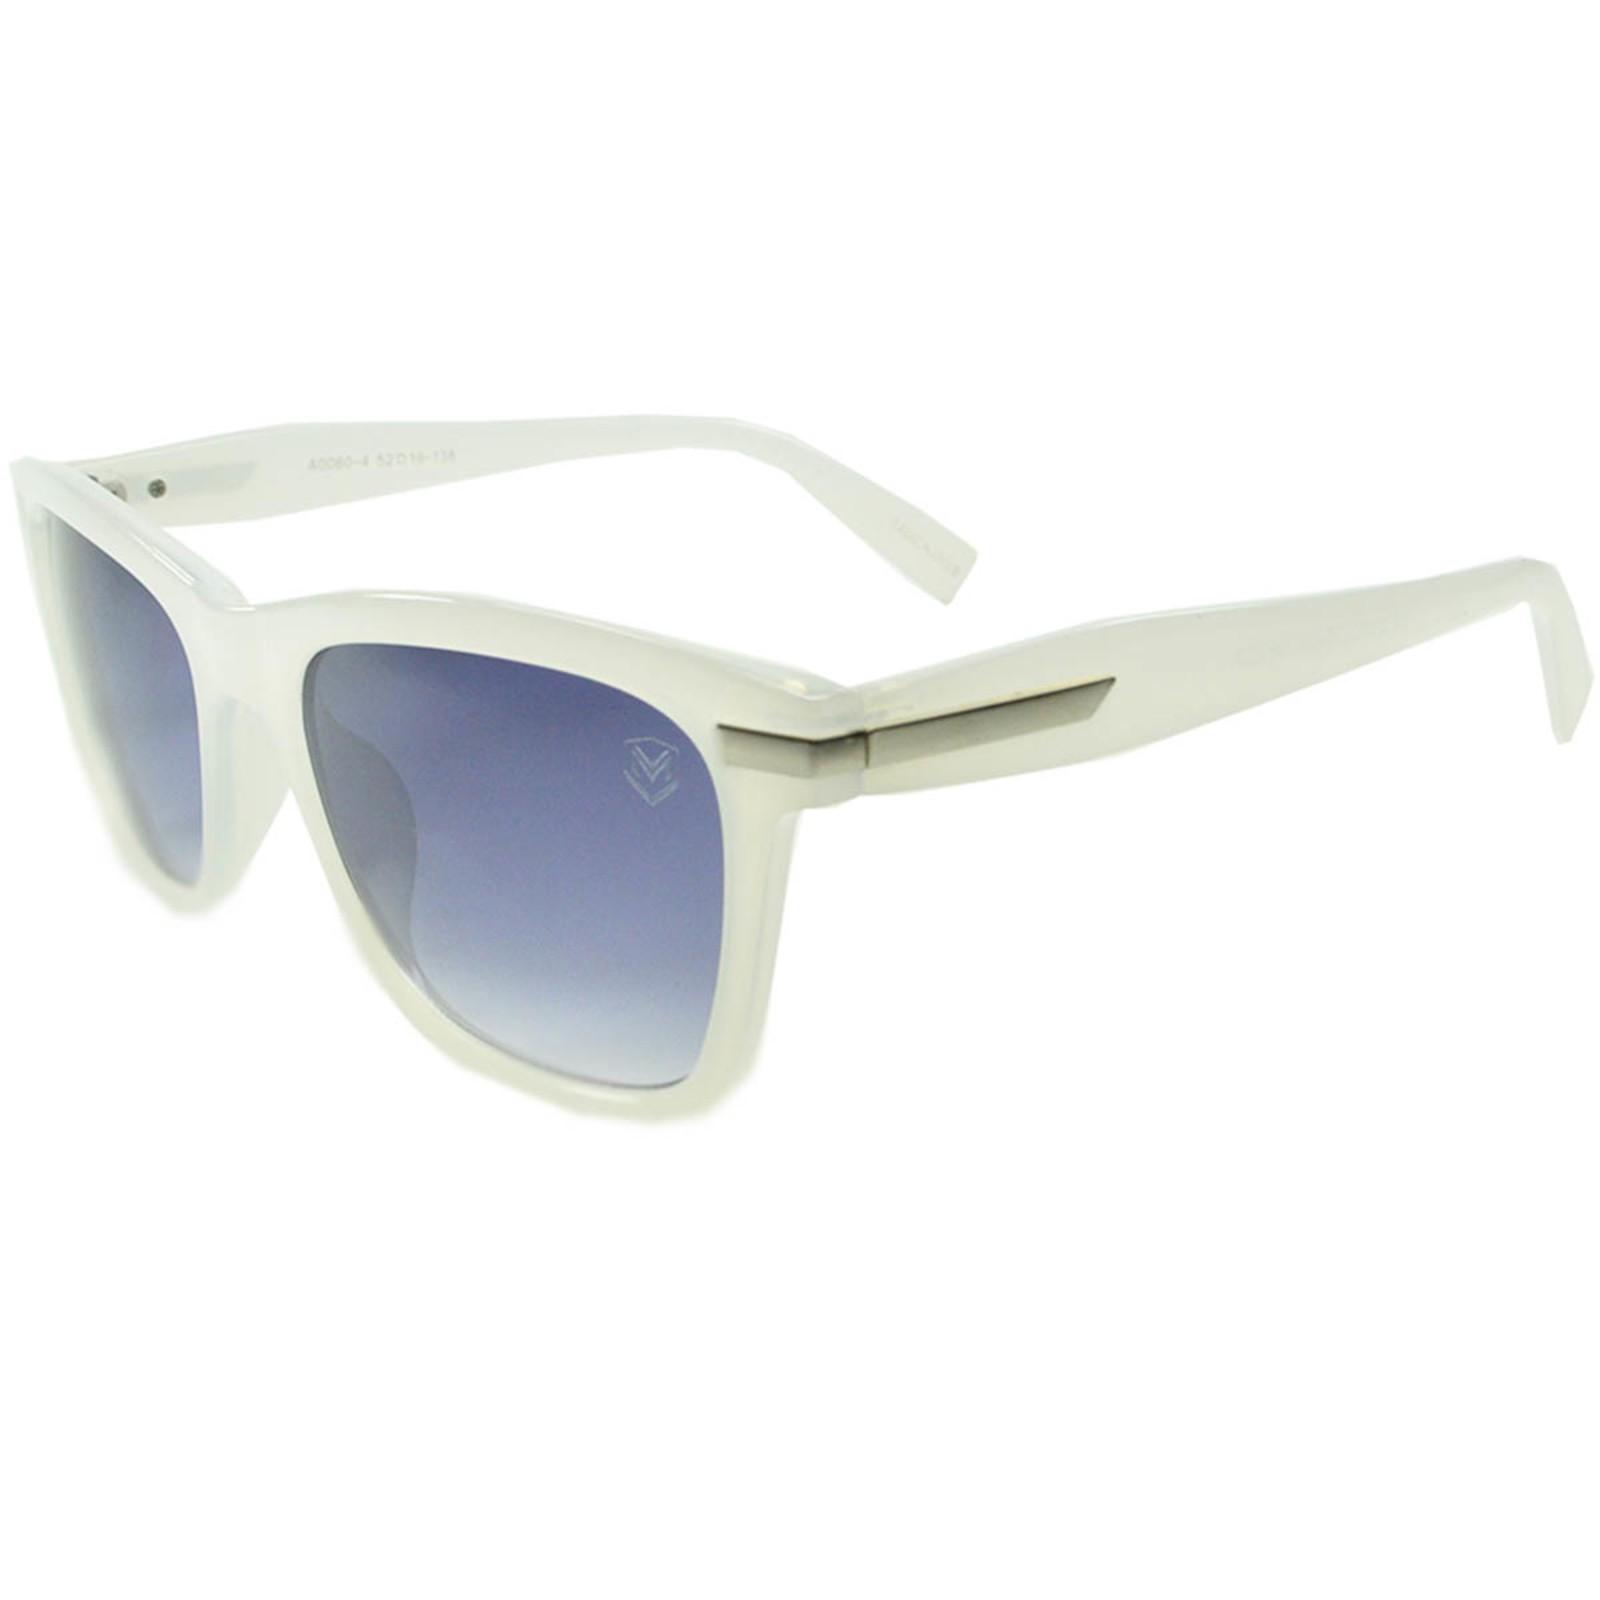 Óculos De Sol Mackage Unissex Acetato Retangular - Branco Gelo